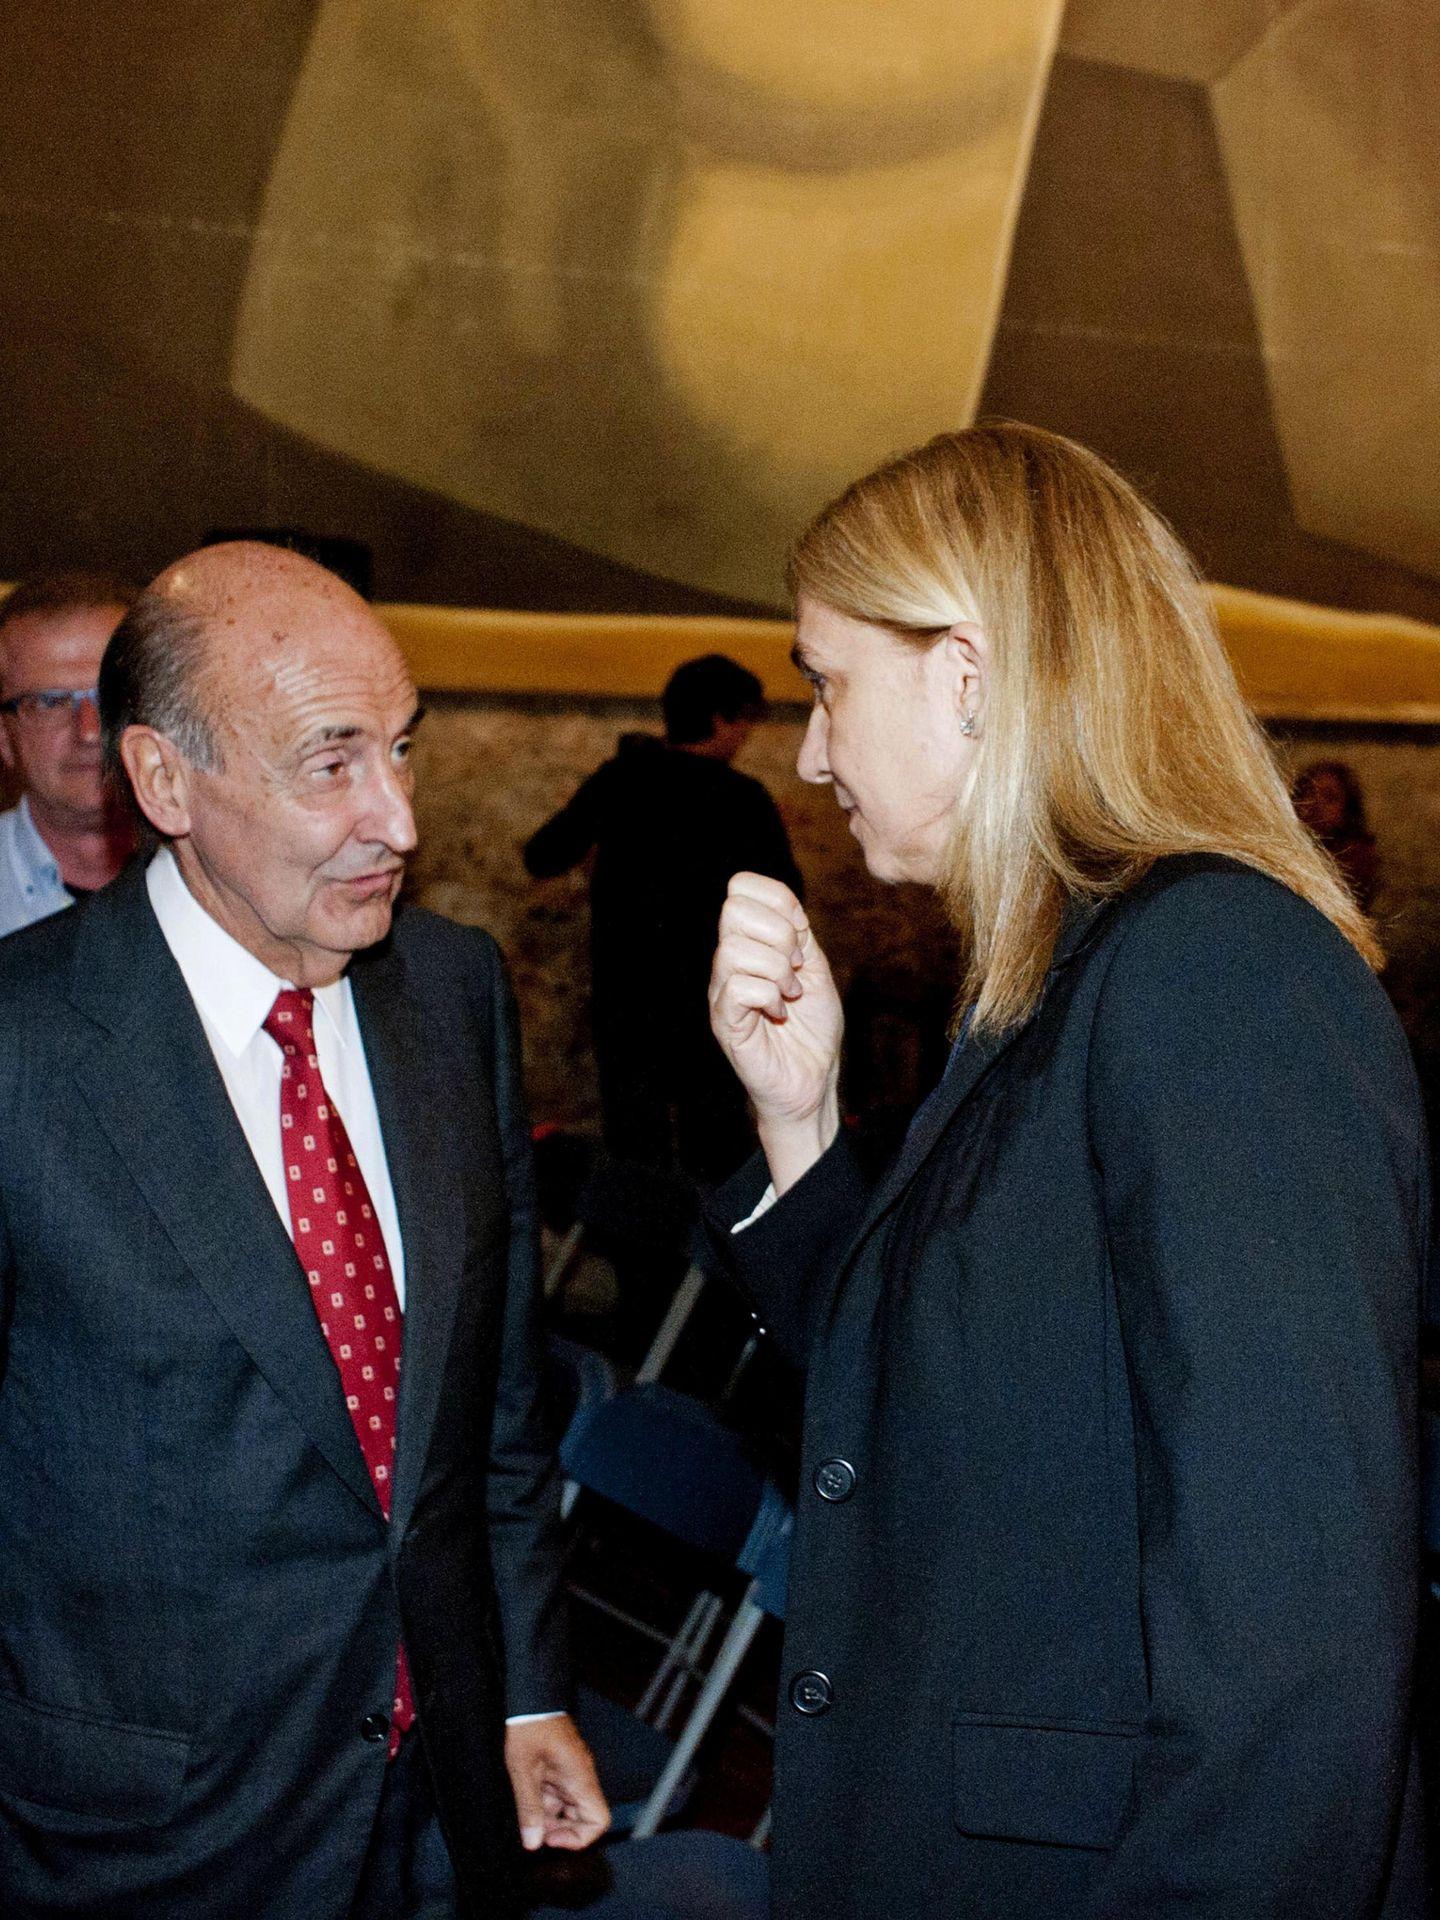 La infanta Cristina  y Miquel Roca, en un acto de la Fundación Gala-Salvador Dalí. (EFE)